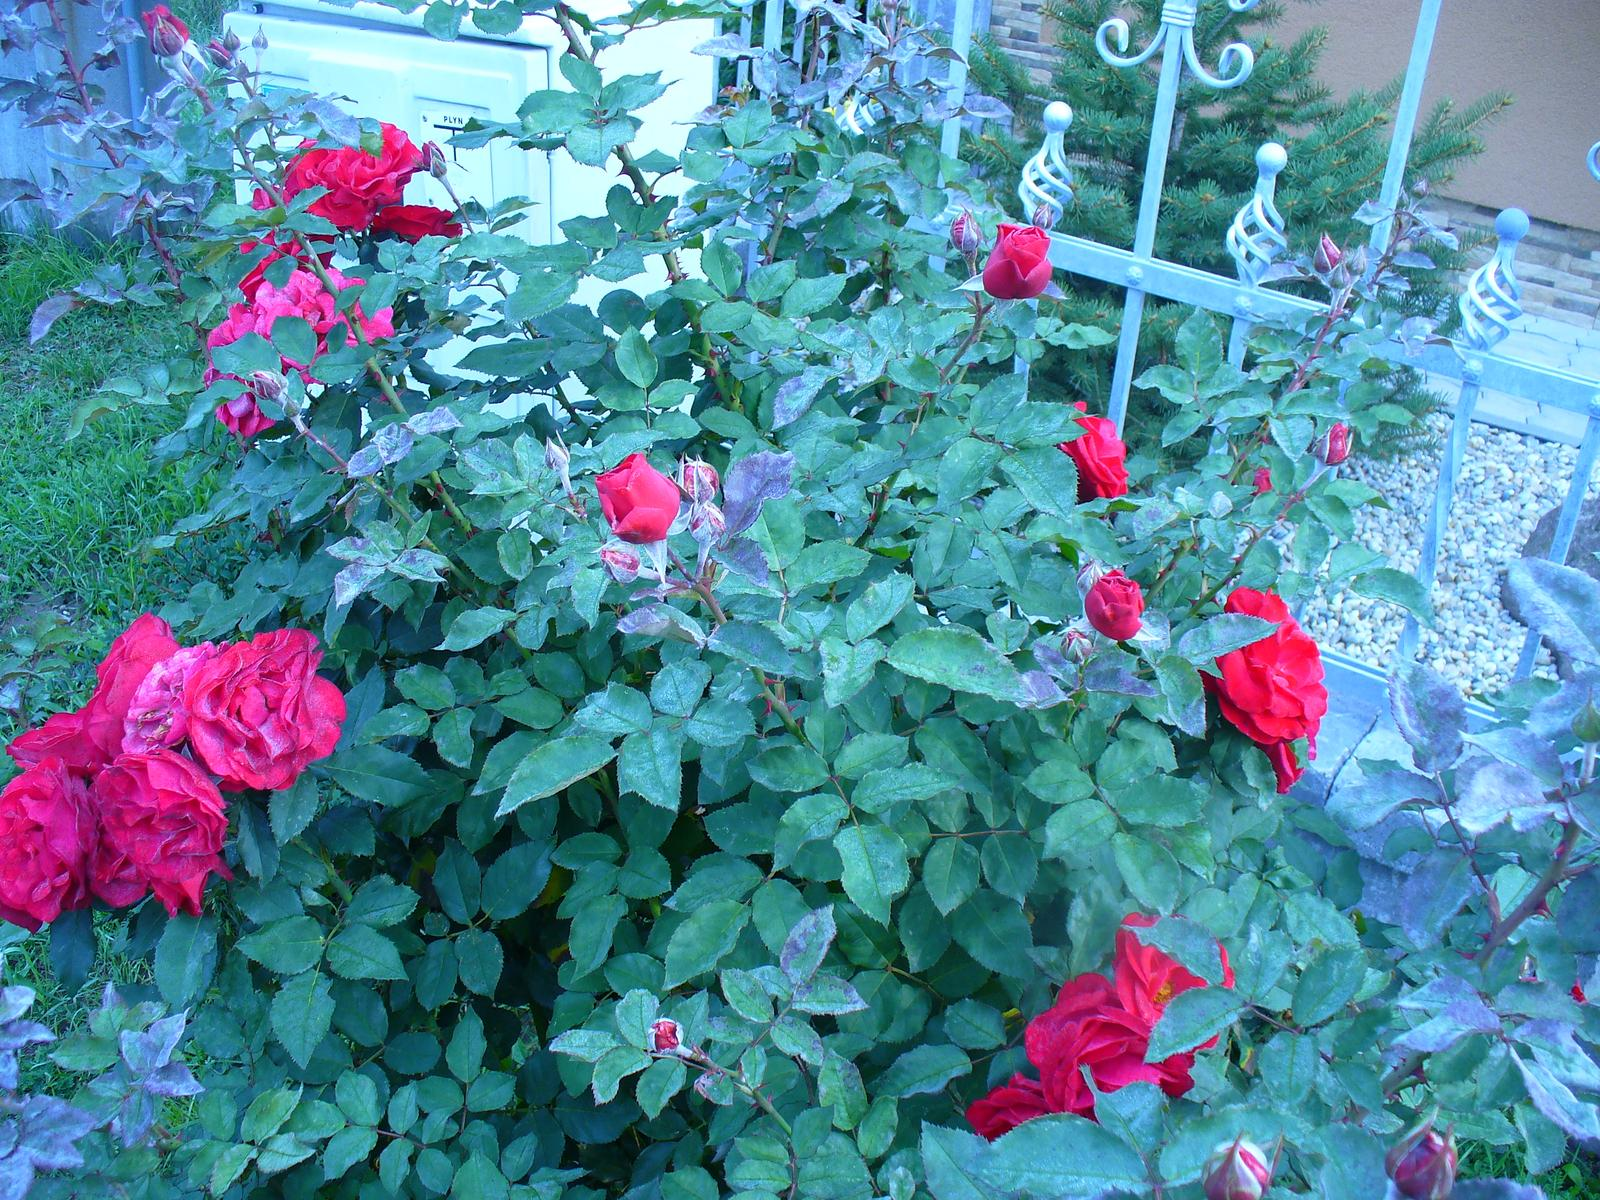 Naša záhradka v roku 2015. - ešte takto veľa ruží rozkvitlo a už bola úplne zostrihaná